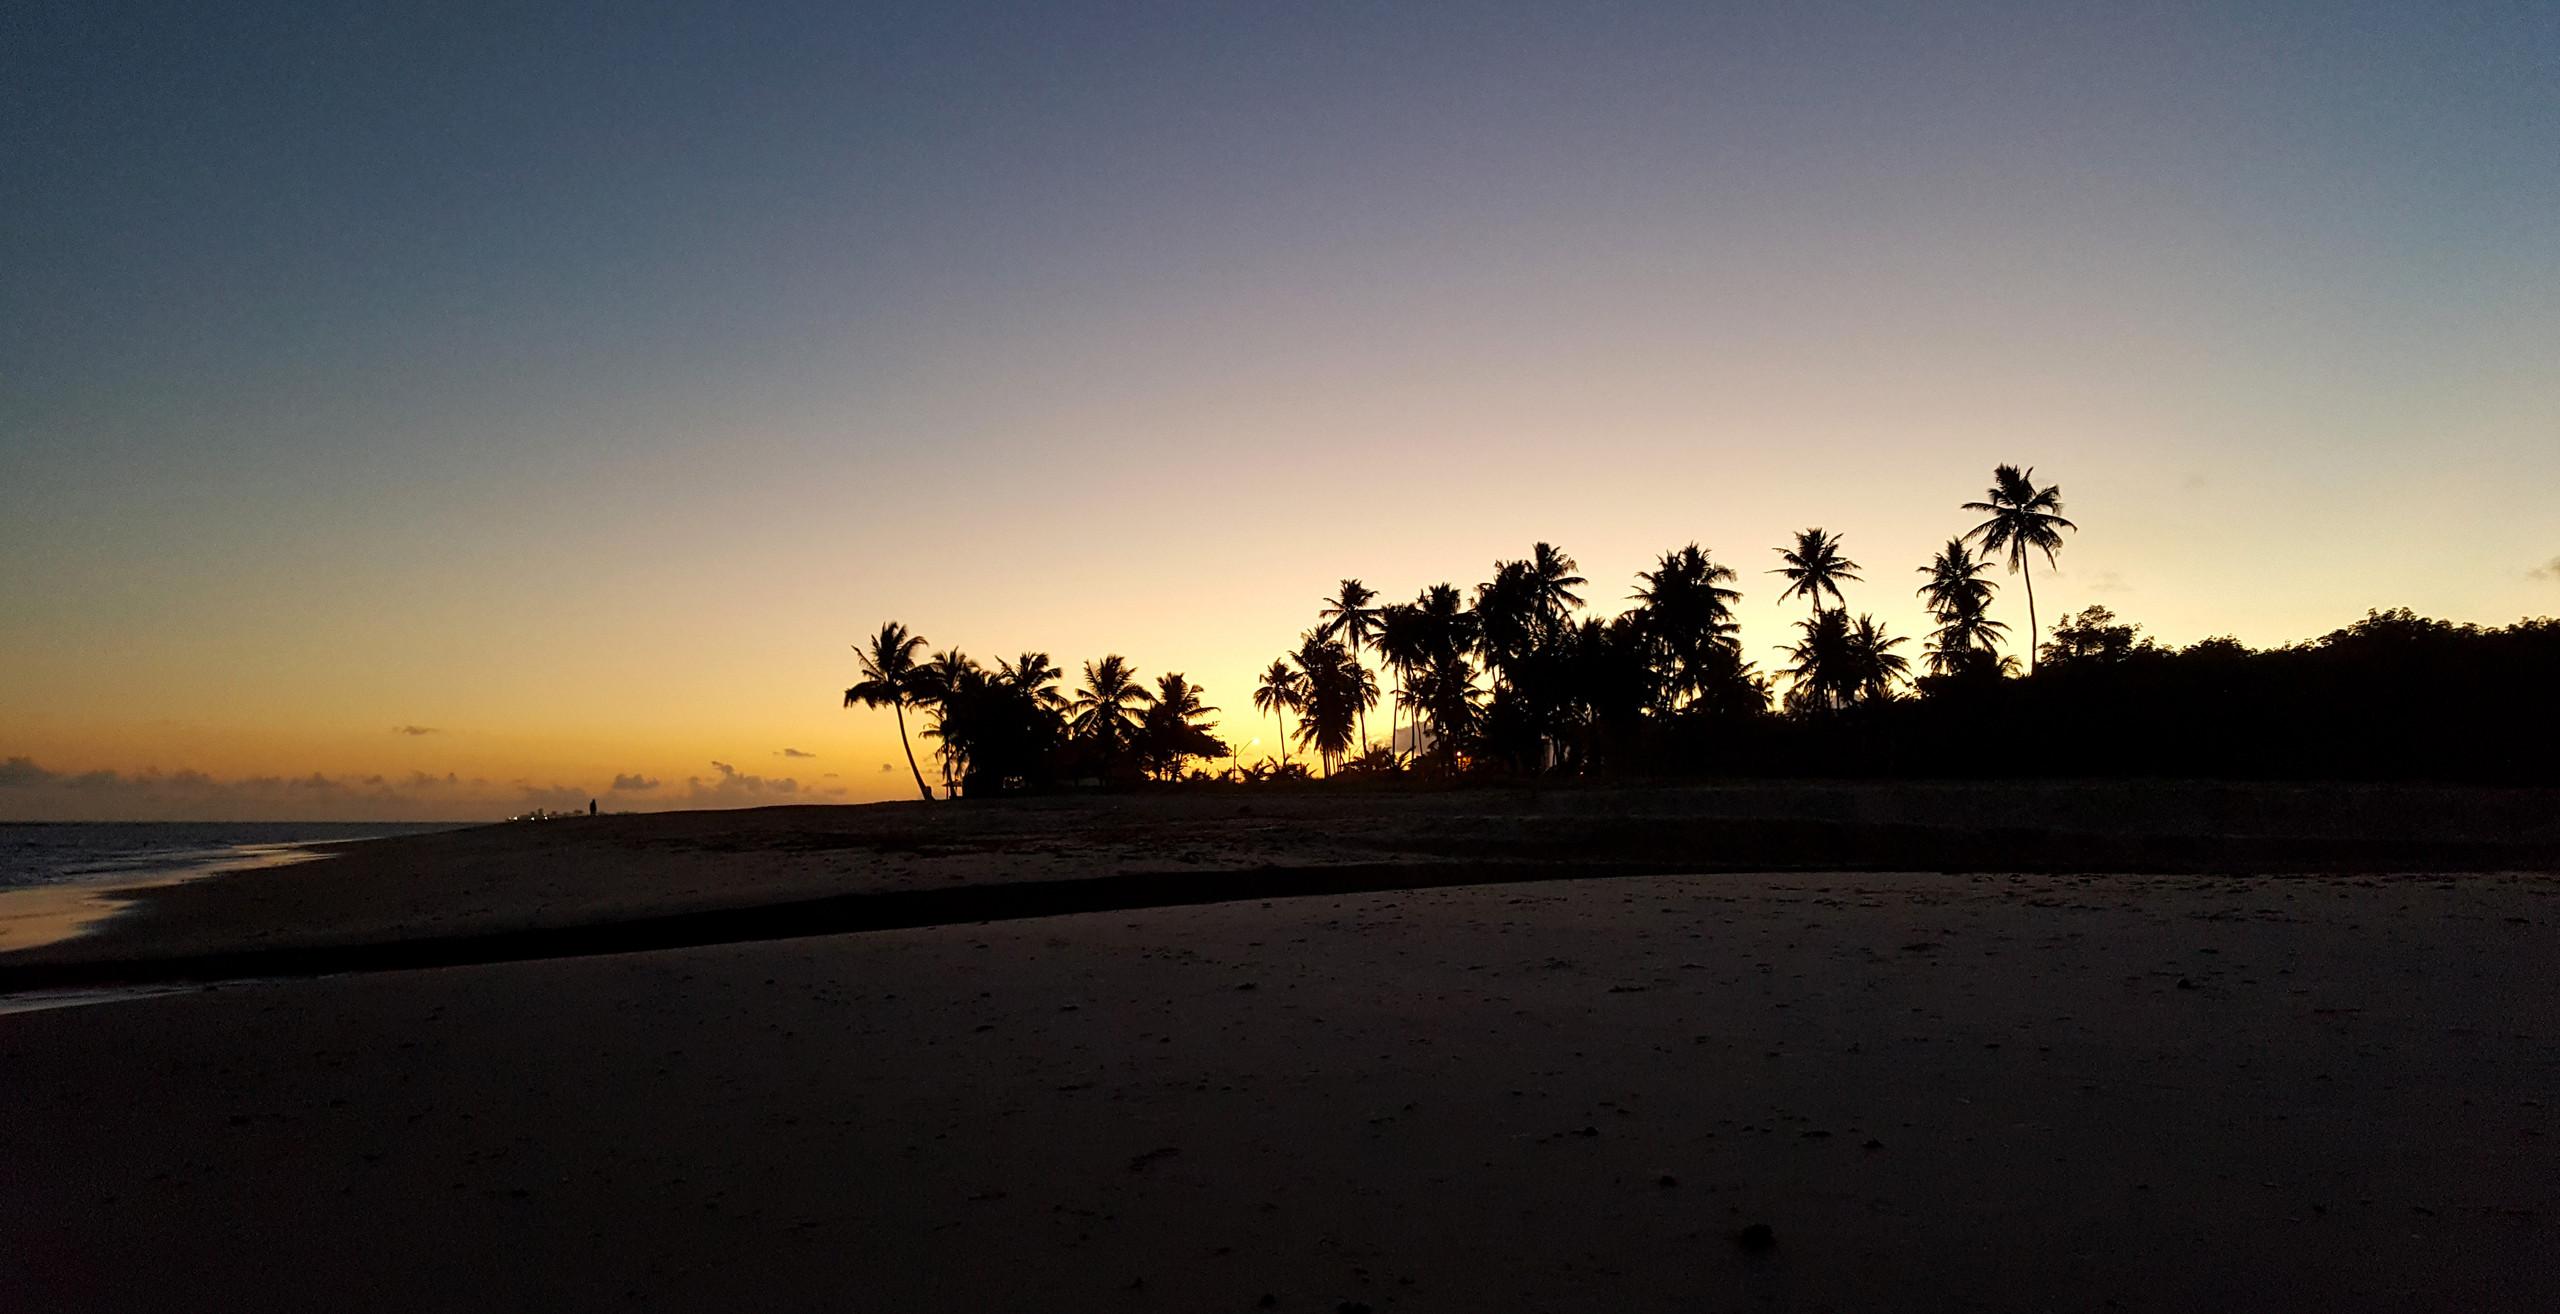 Beach in Maceió